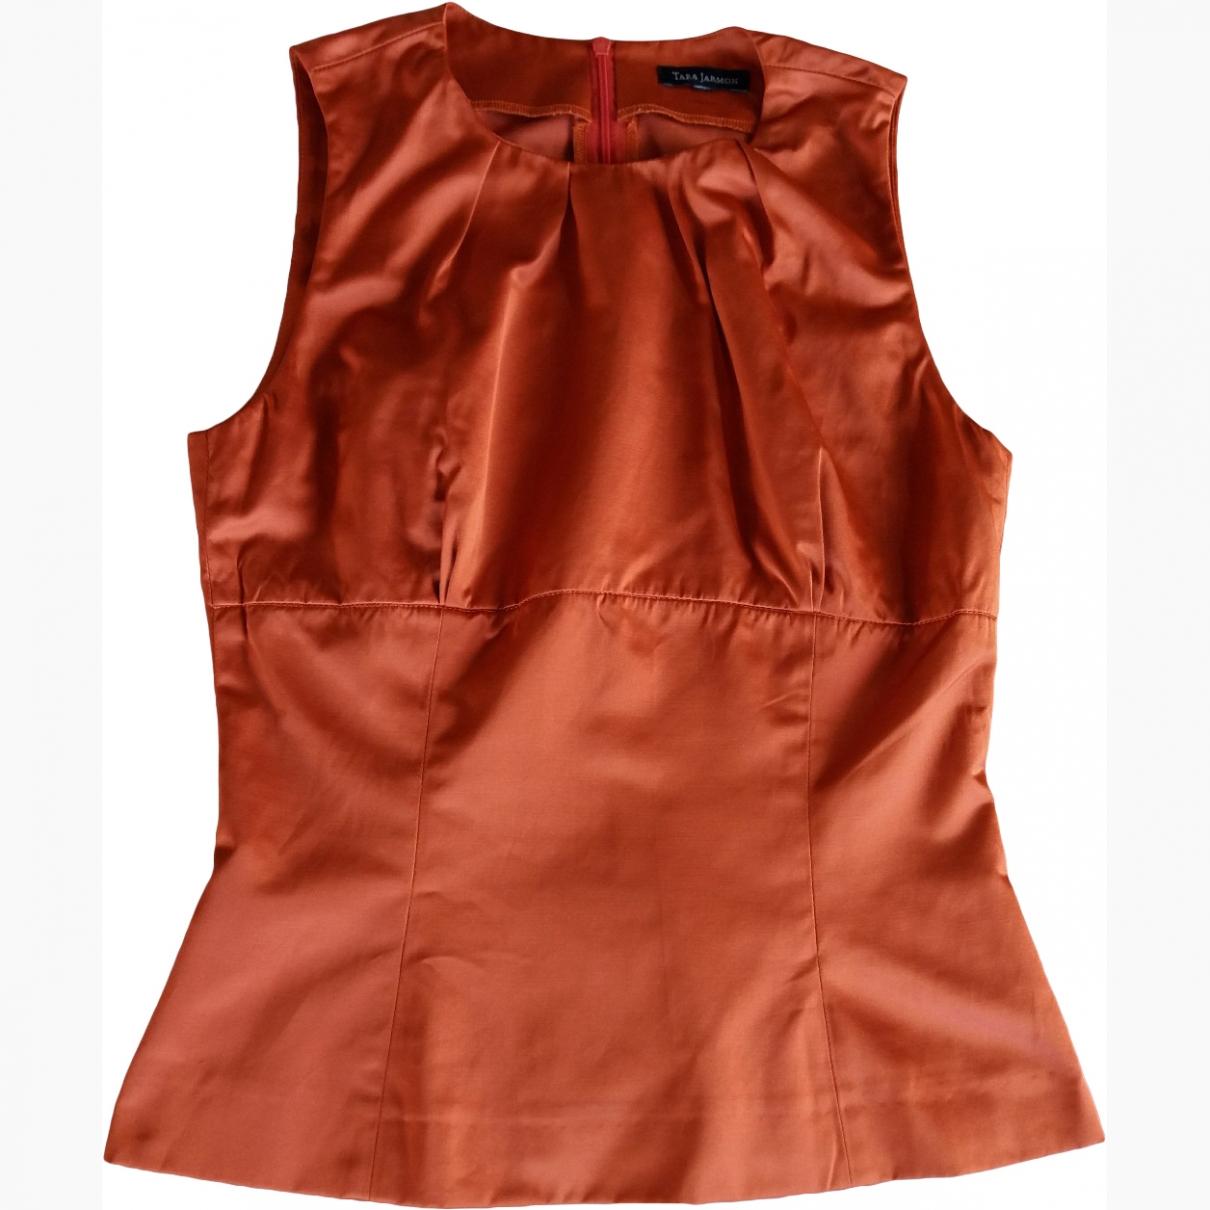 Tara Jarmon \N Orange Cotton  top for Women XS International